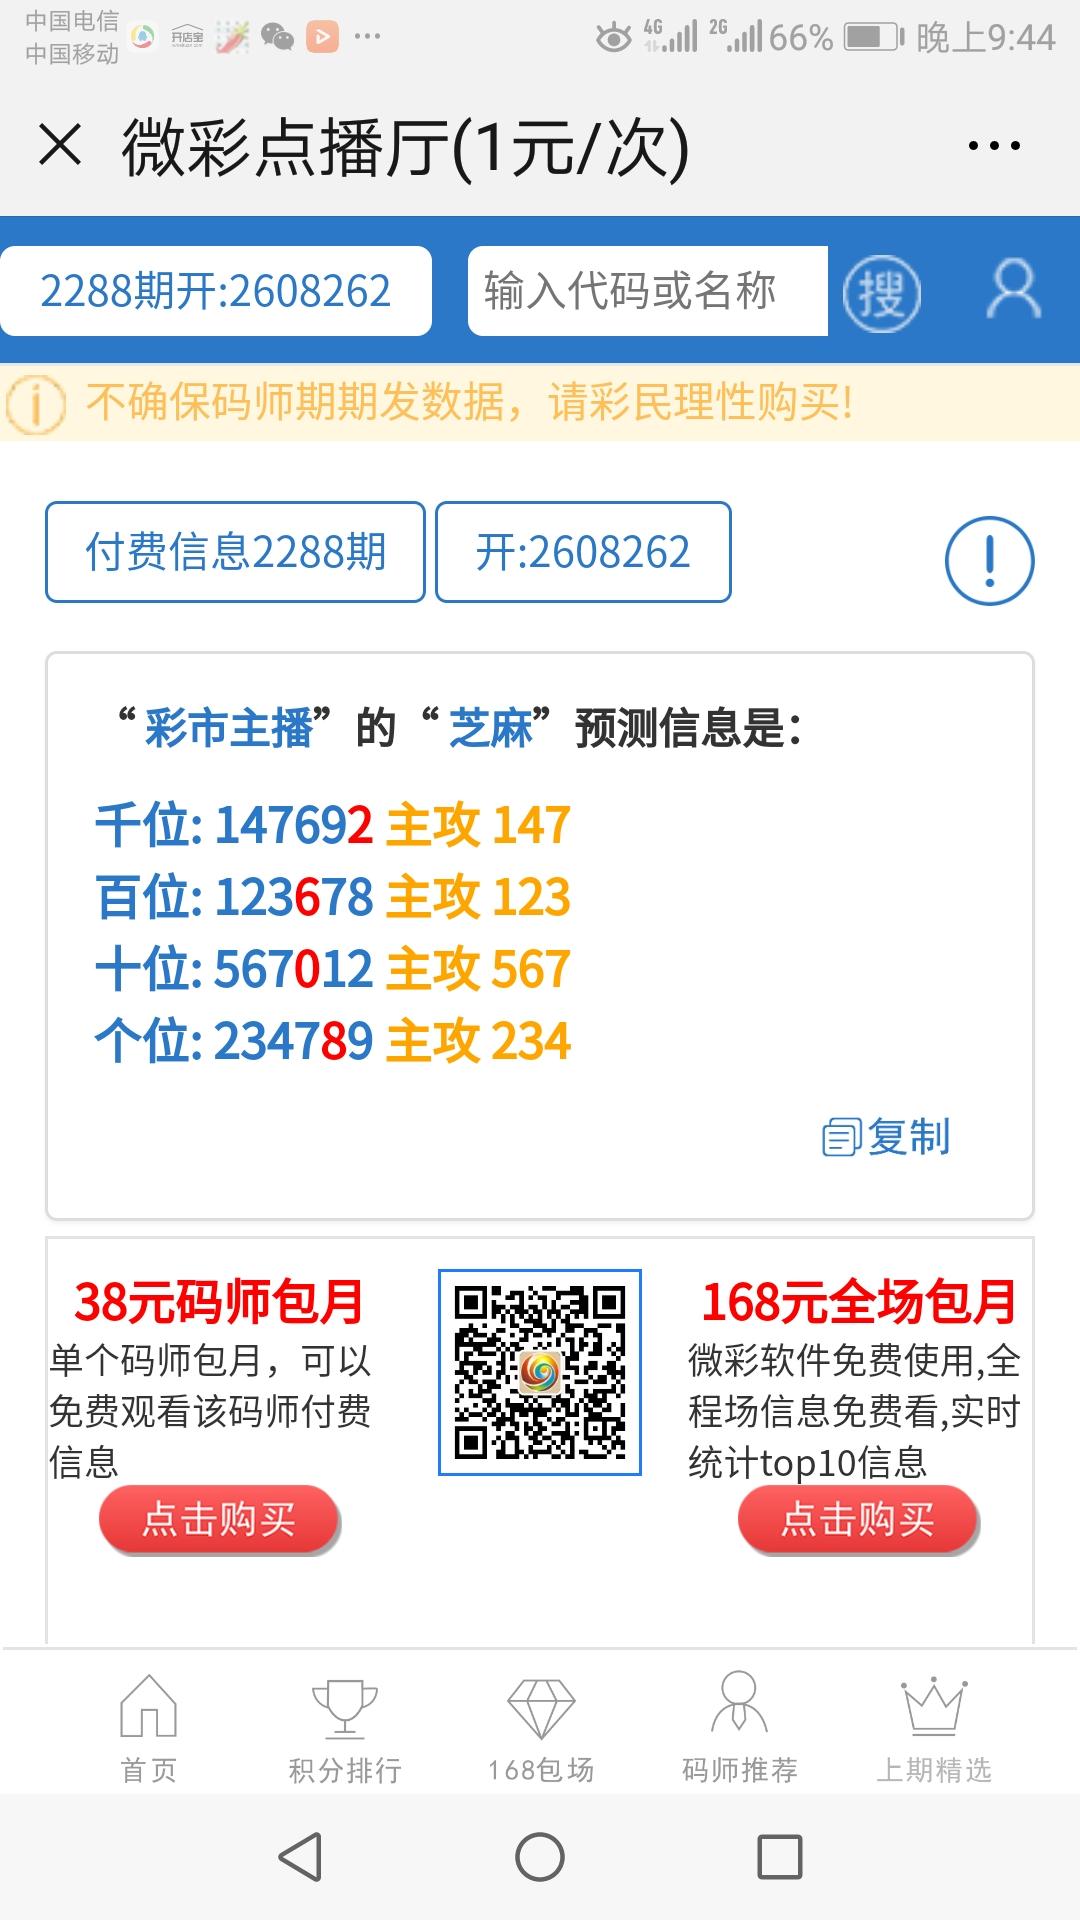 Screenshot_20190414-214443.jpg